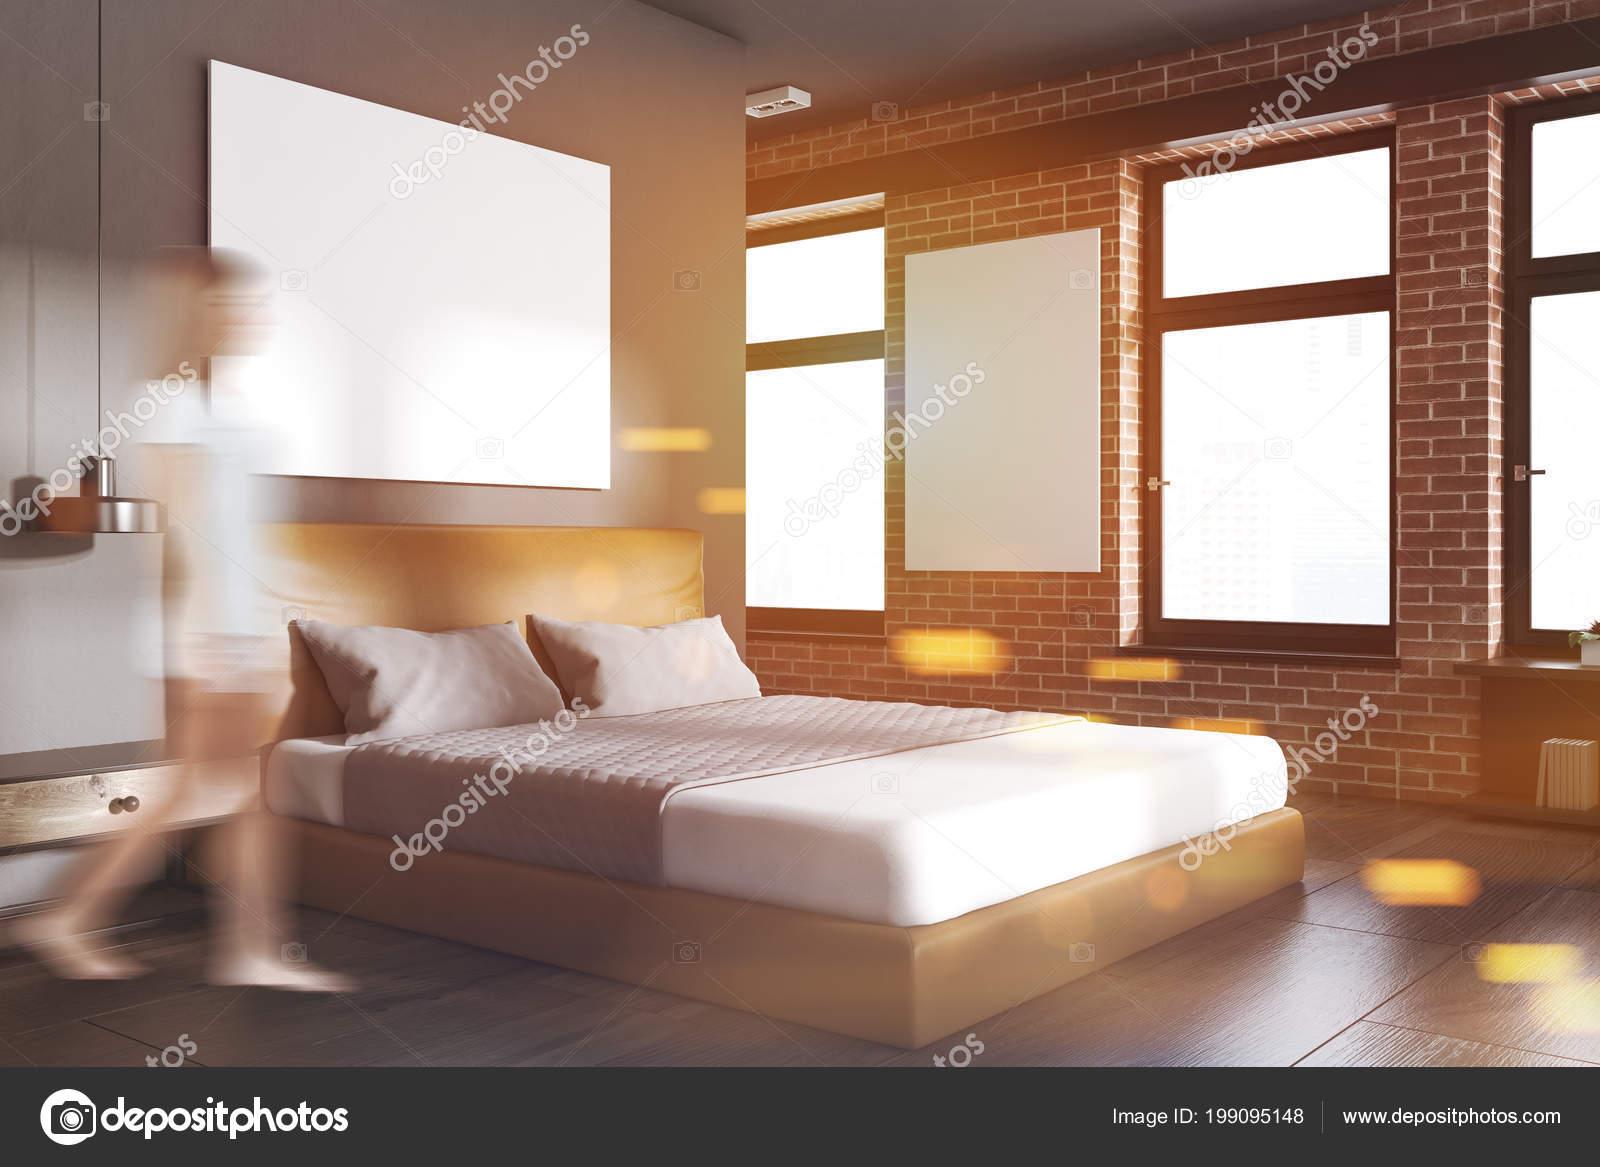 Letto Grigio Scuro : Donna angolo della camera letto con pareti mattone grigio scuro